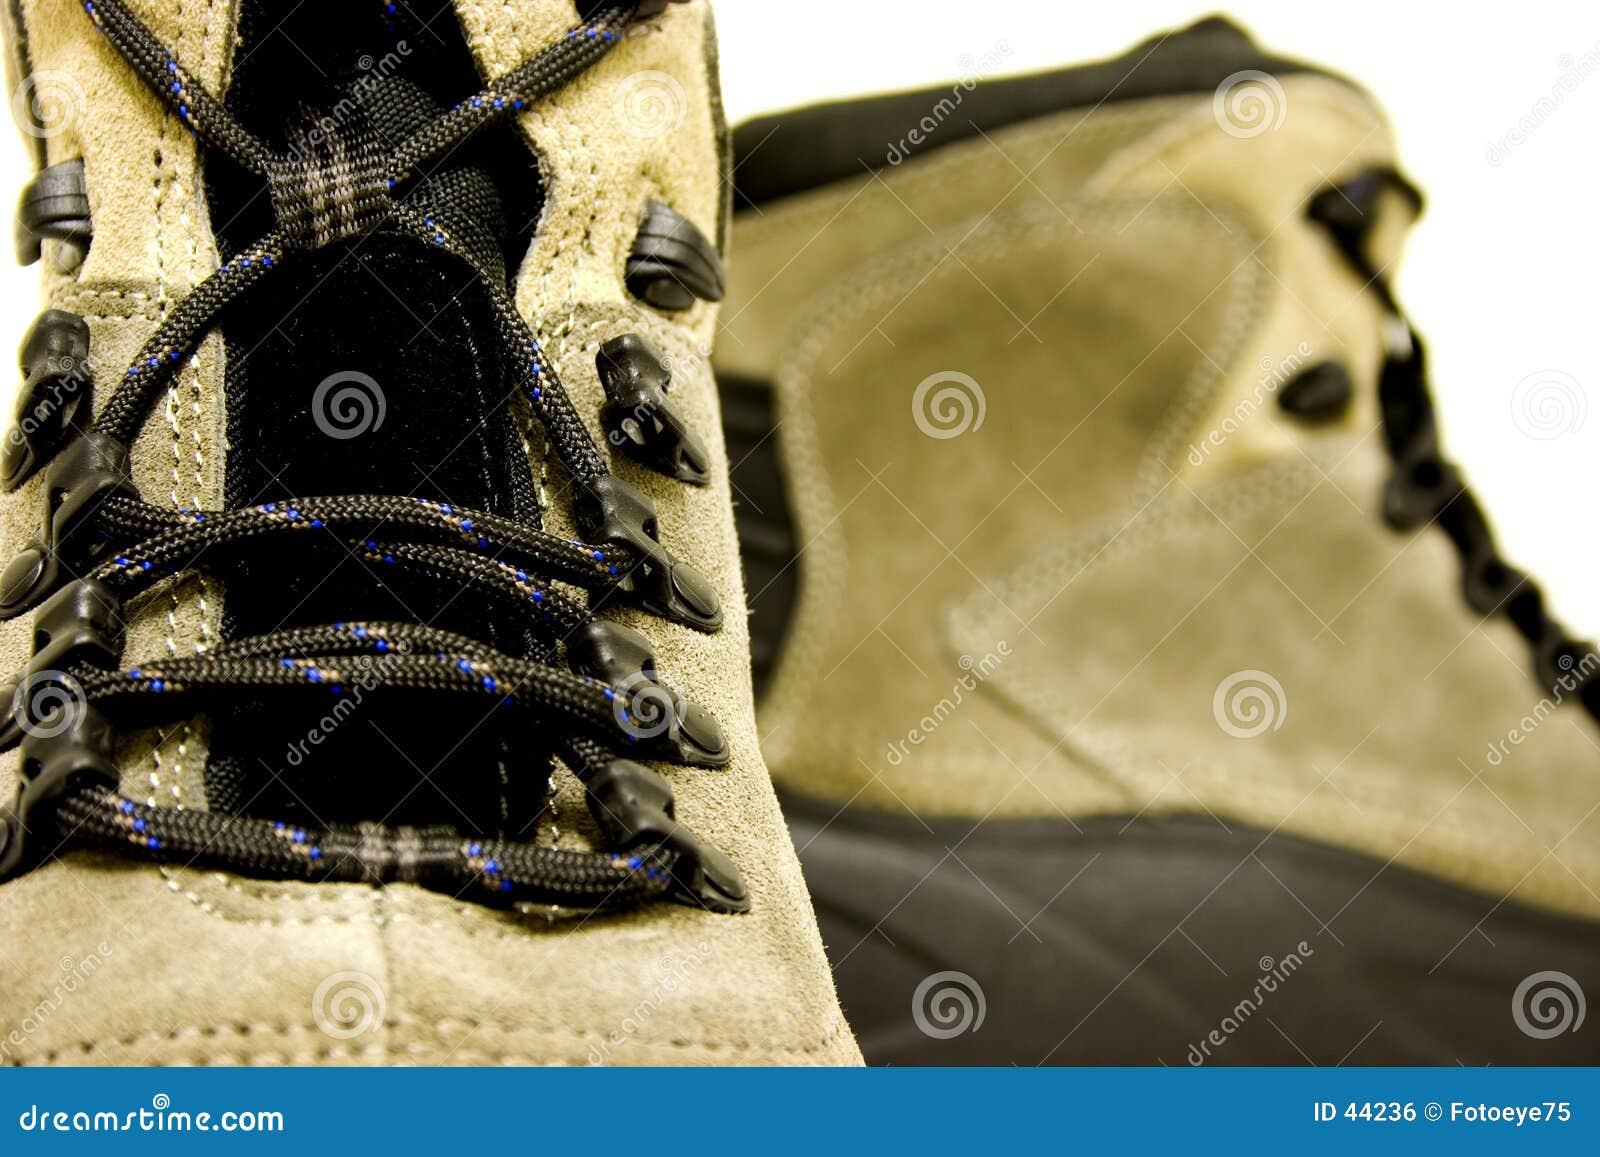 Download śnieg buty zdjęcie stock. Obraz złożonej z obuwie, śnieg - 44236